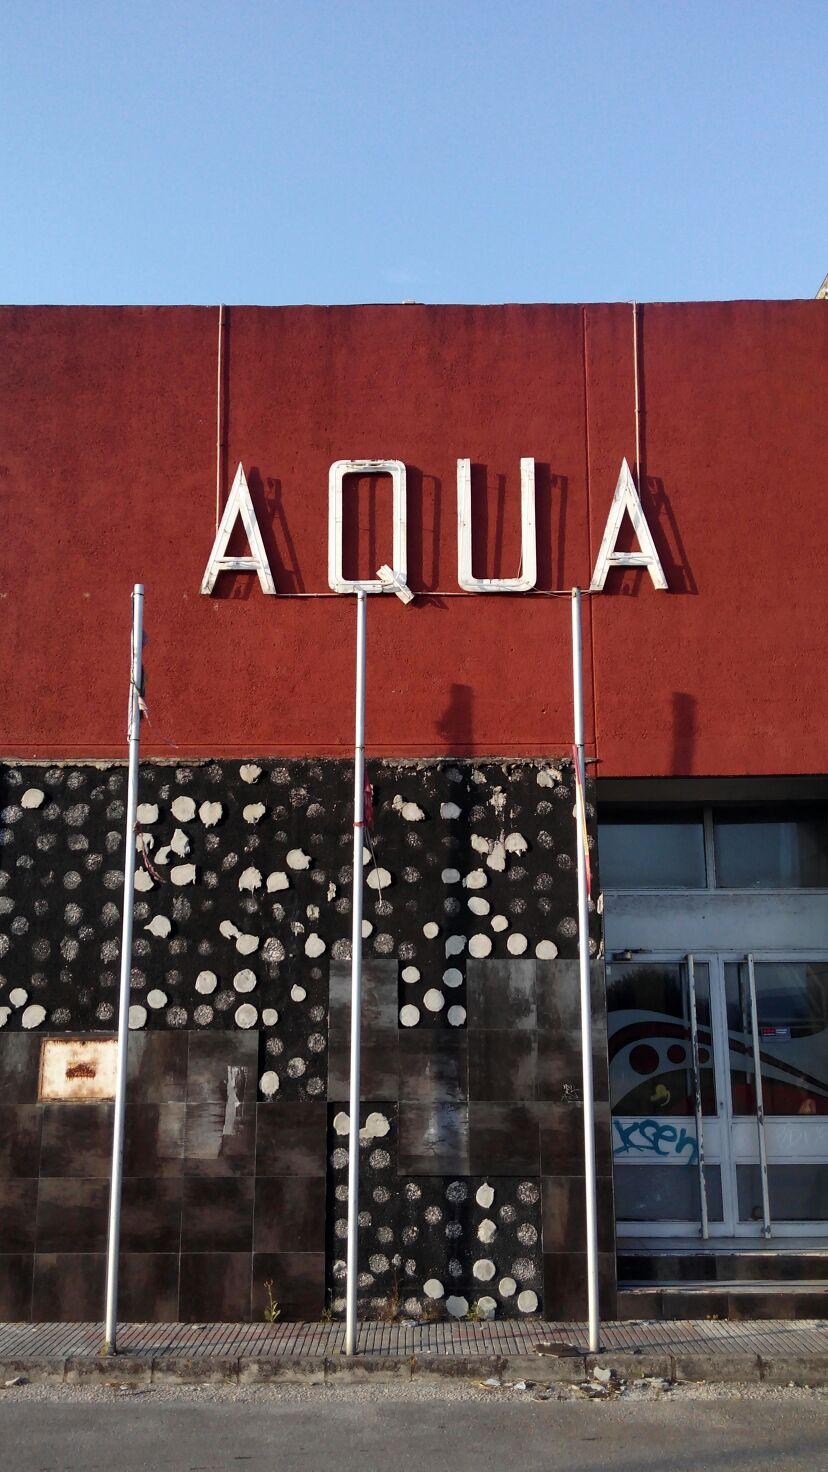 AQUA_2016-08-24 at 23.22.25